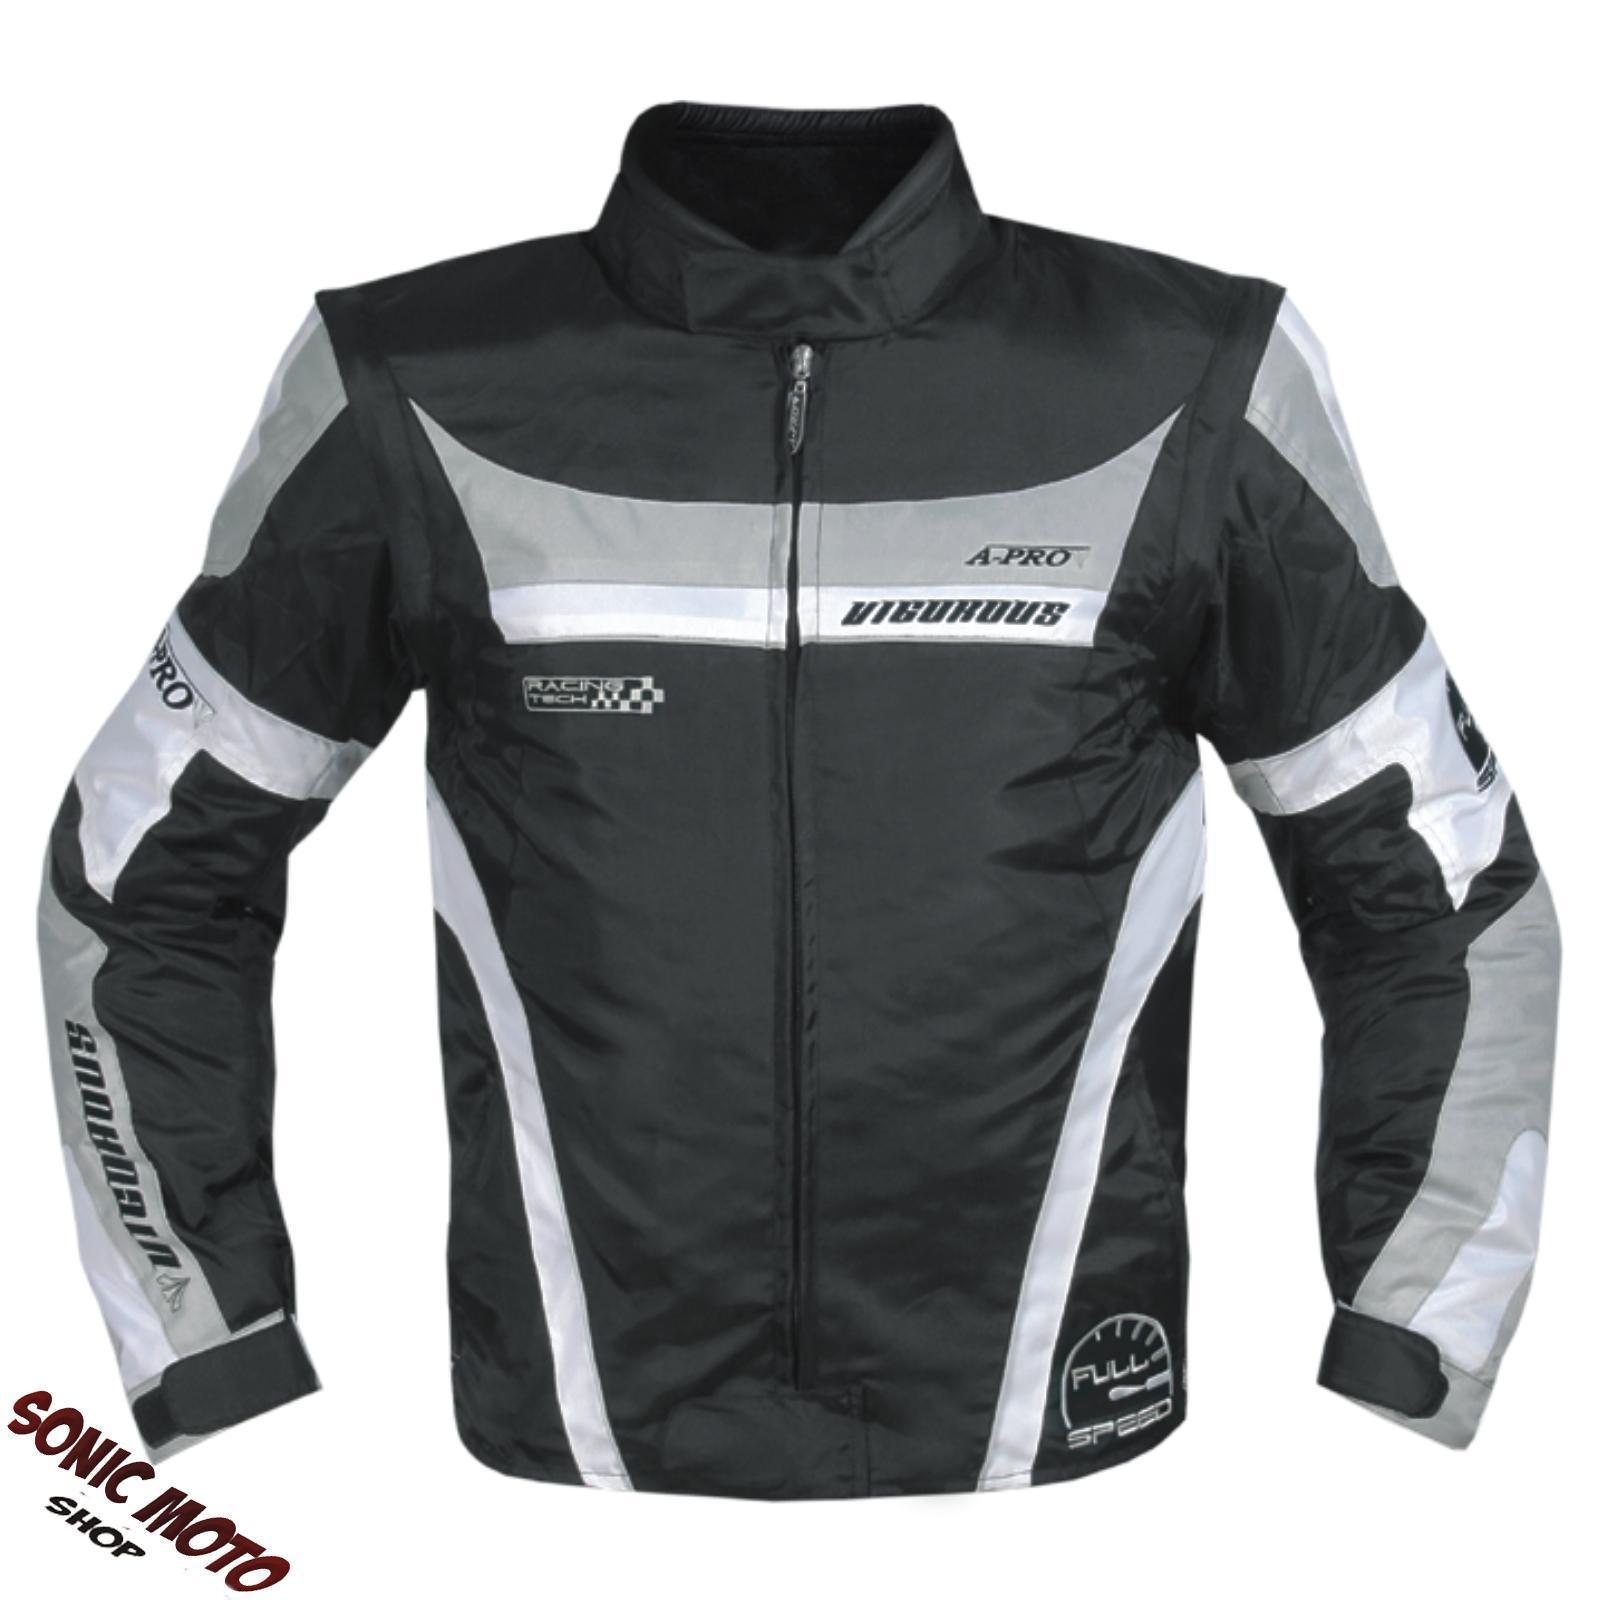 Blouson-Oxford-Nylon-Homme-Textile-CE-Protections-Thermique-Moto-Scooter-Gris